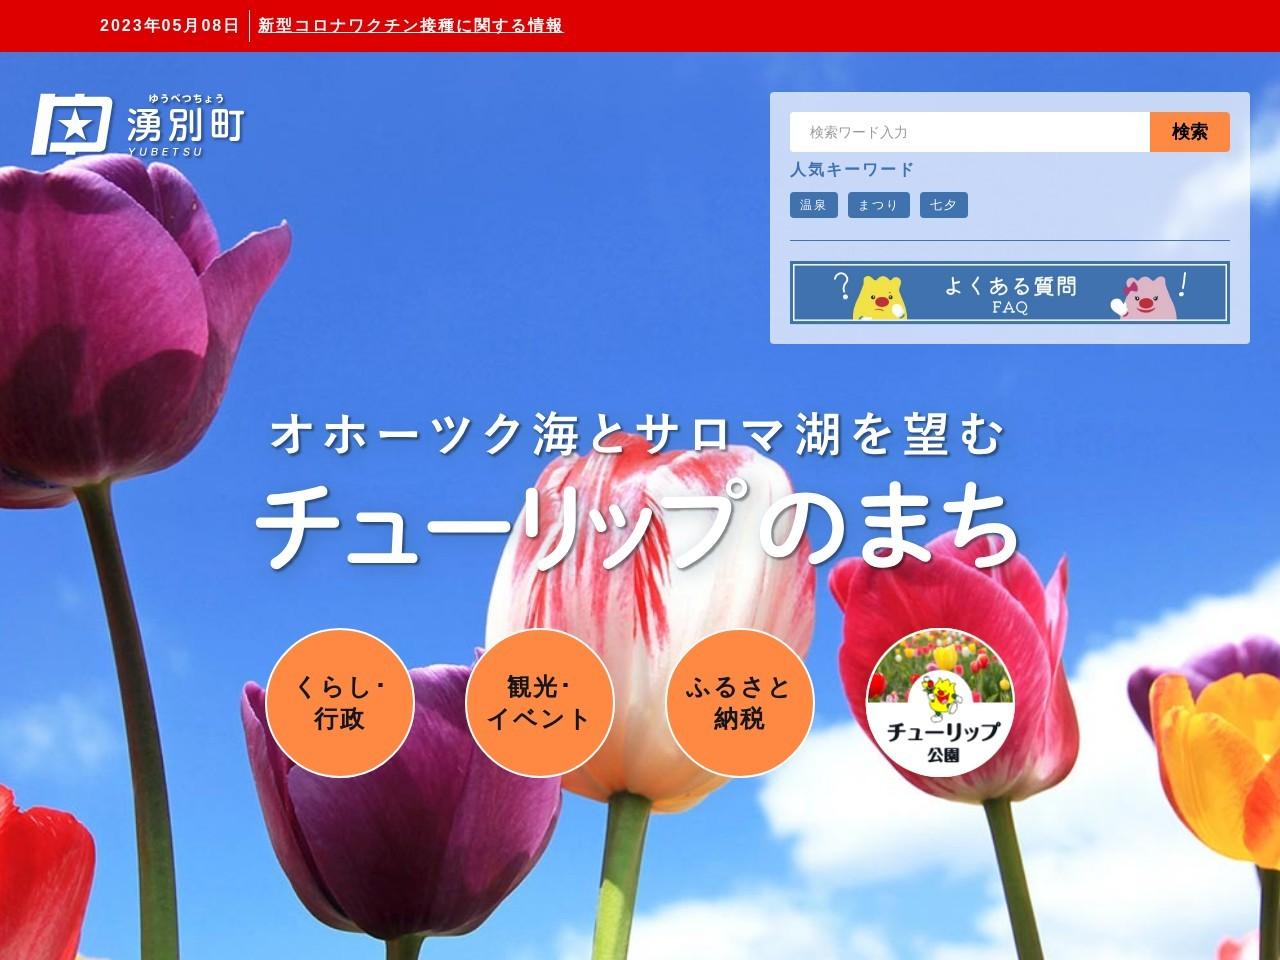 http://www.town.yubetsu.lg.jp/50shisetsu/2kyoiku/lib-nakayu.html